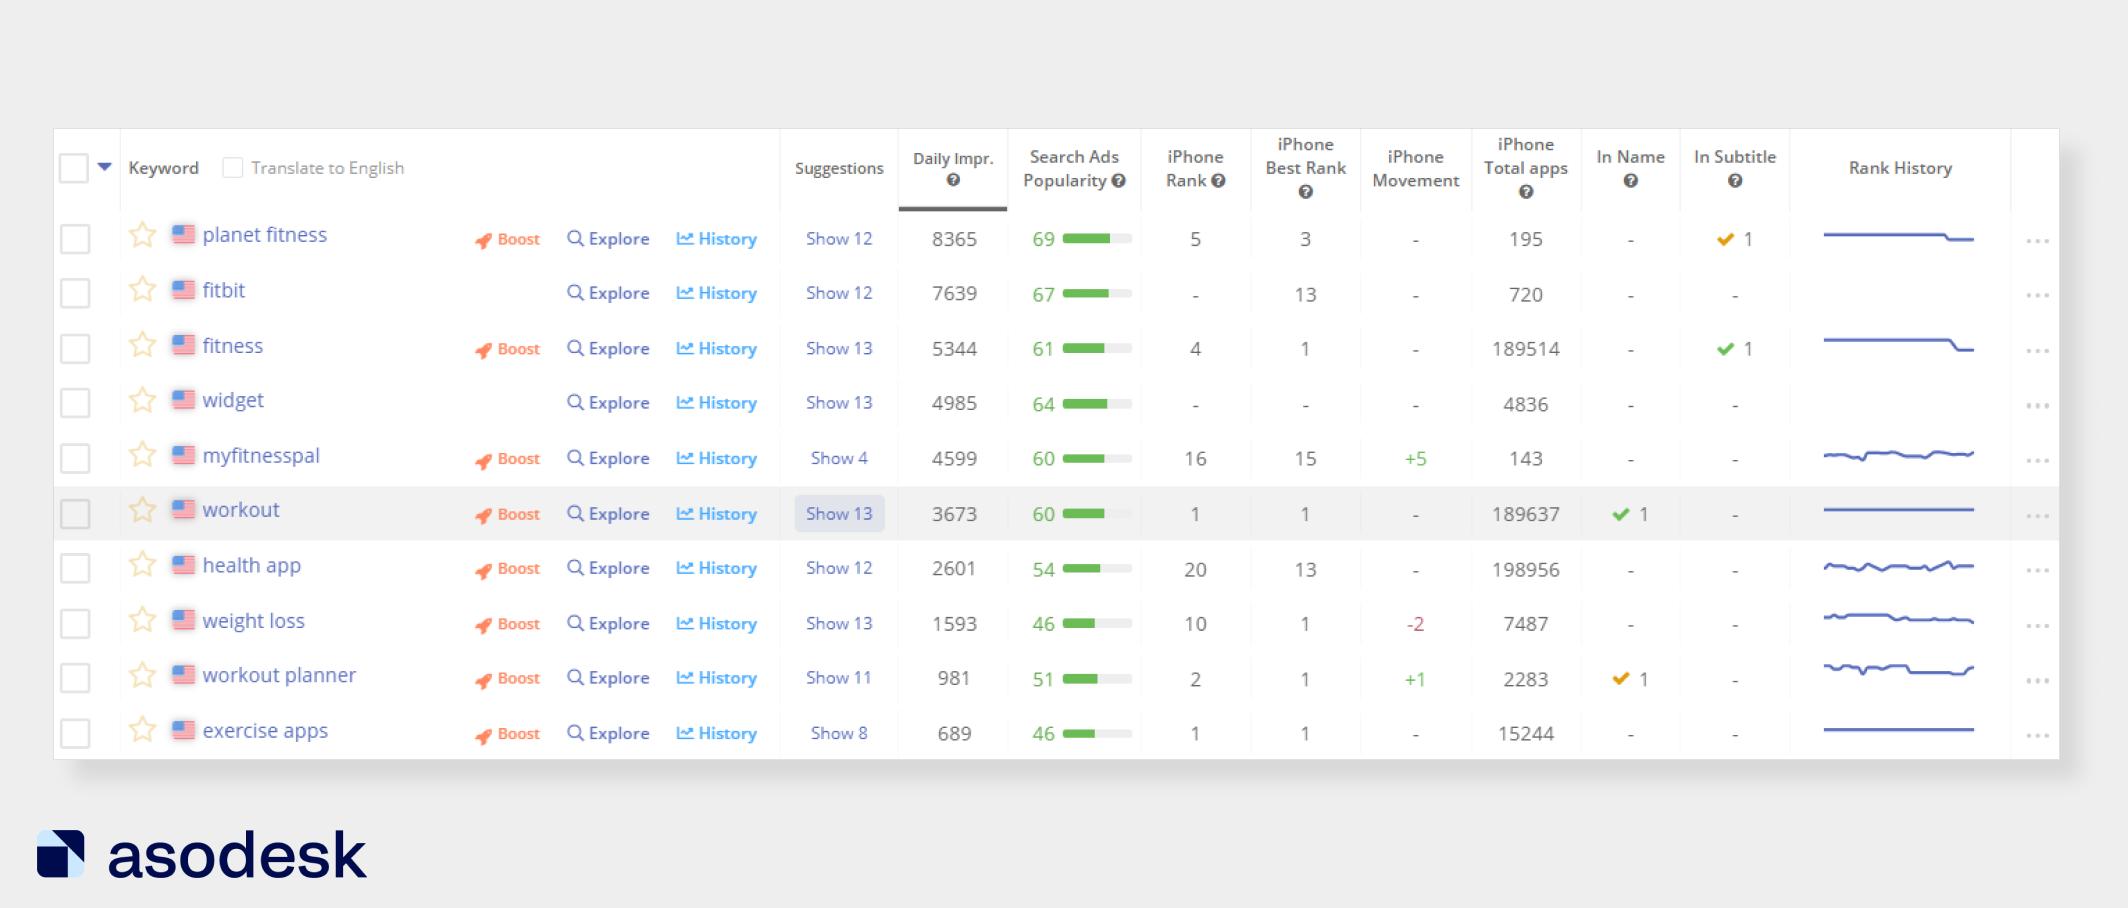 В Keyword Analytics в Asodesk можно посмотреть поисковые подсказки для каждого запроса